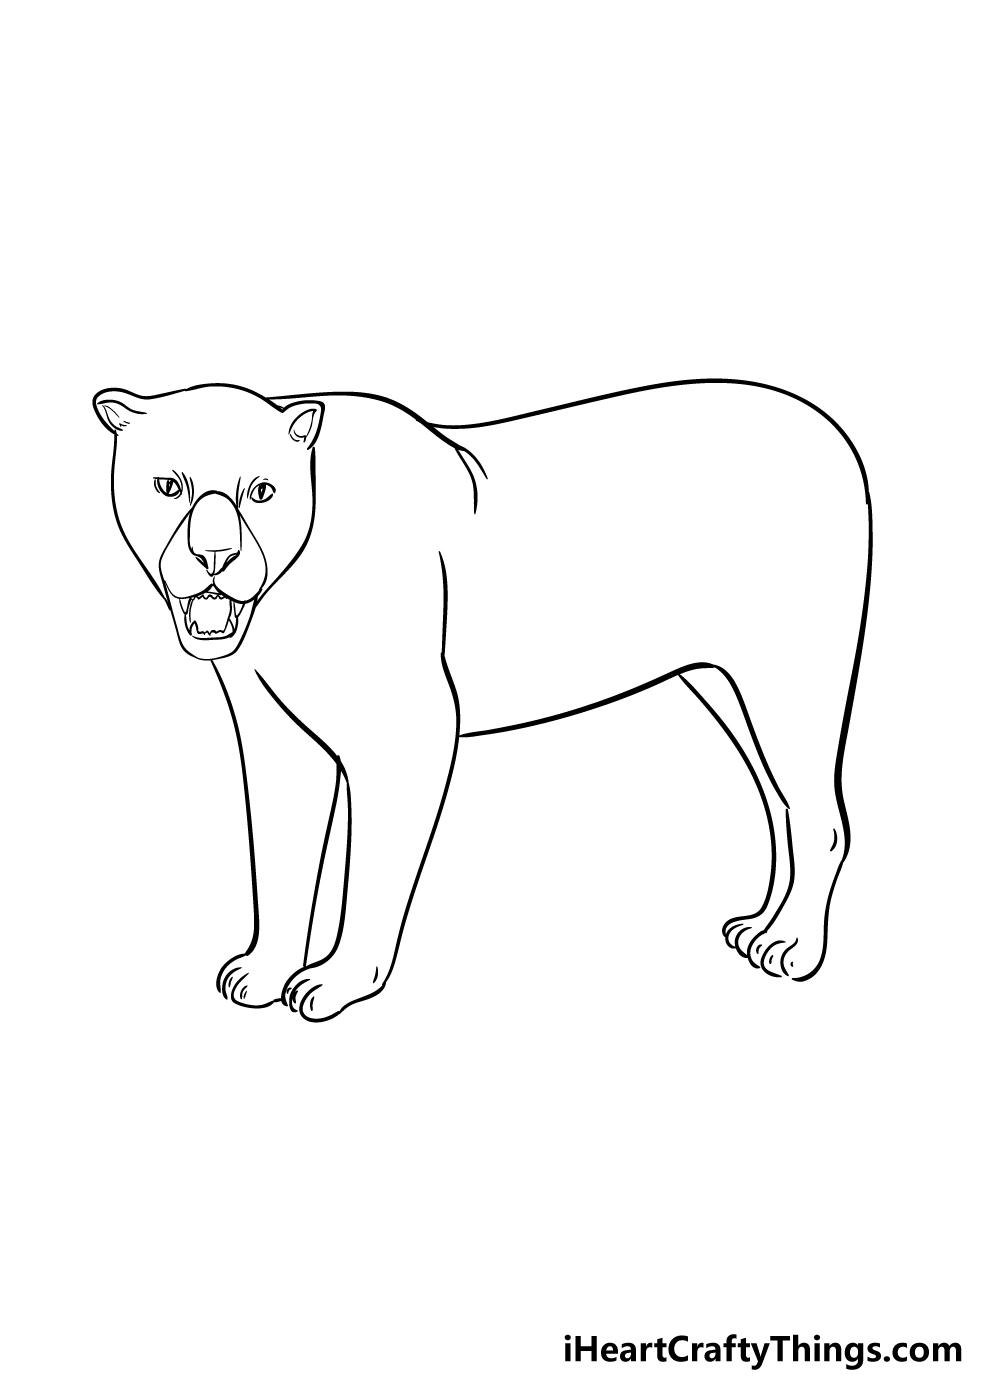 jaguar drawing step 6